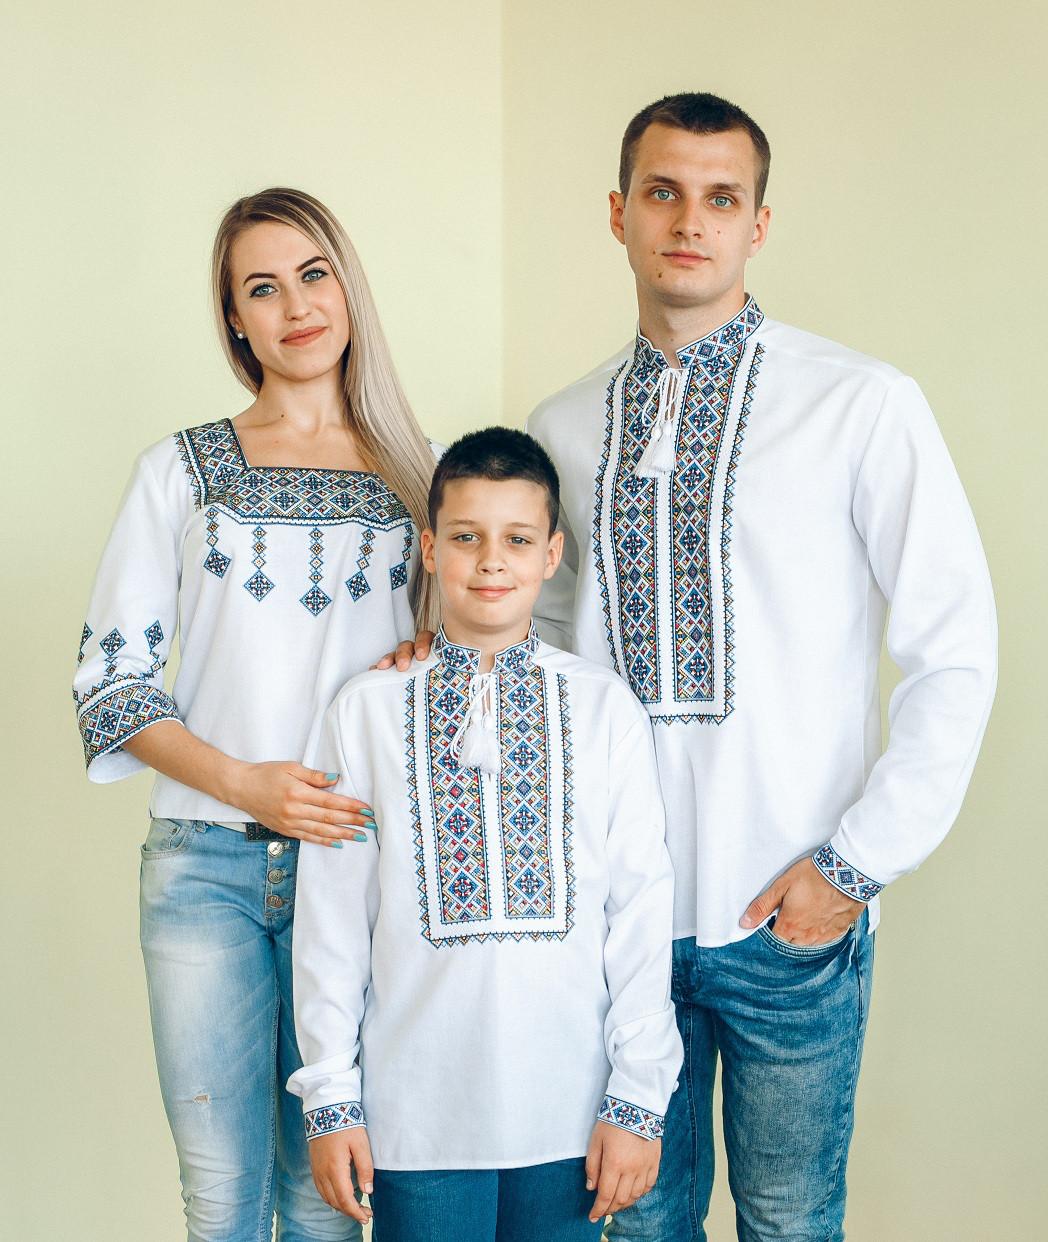 Комплект вишиванок для сім ї (синя вишивка) 38d7b17ba3ac9